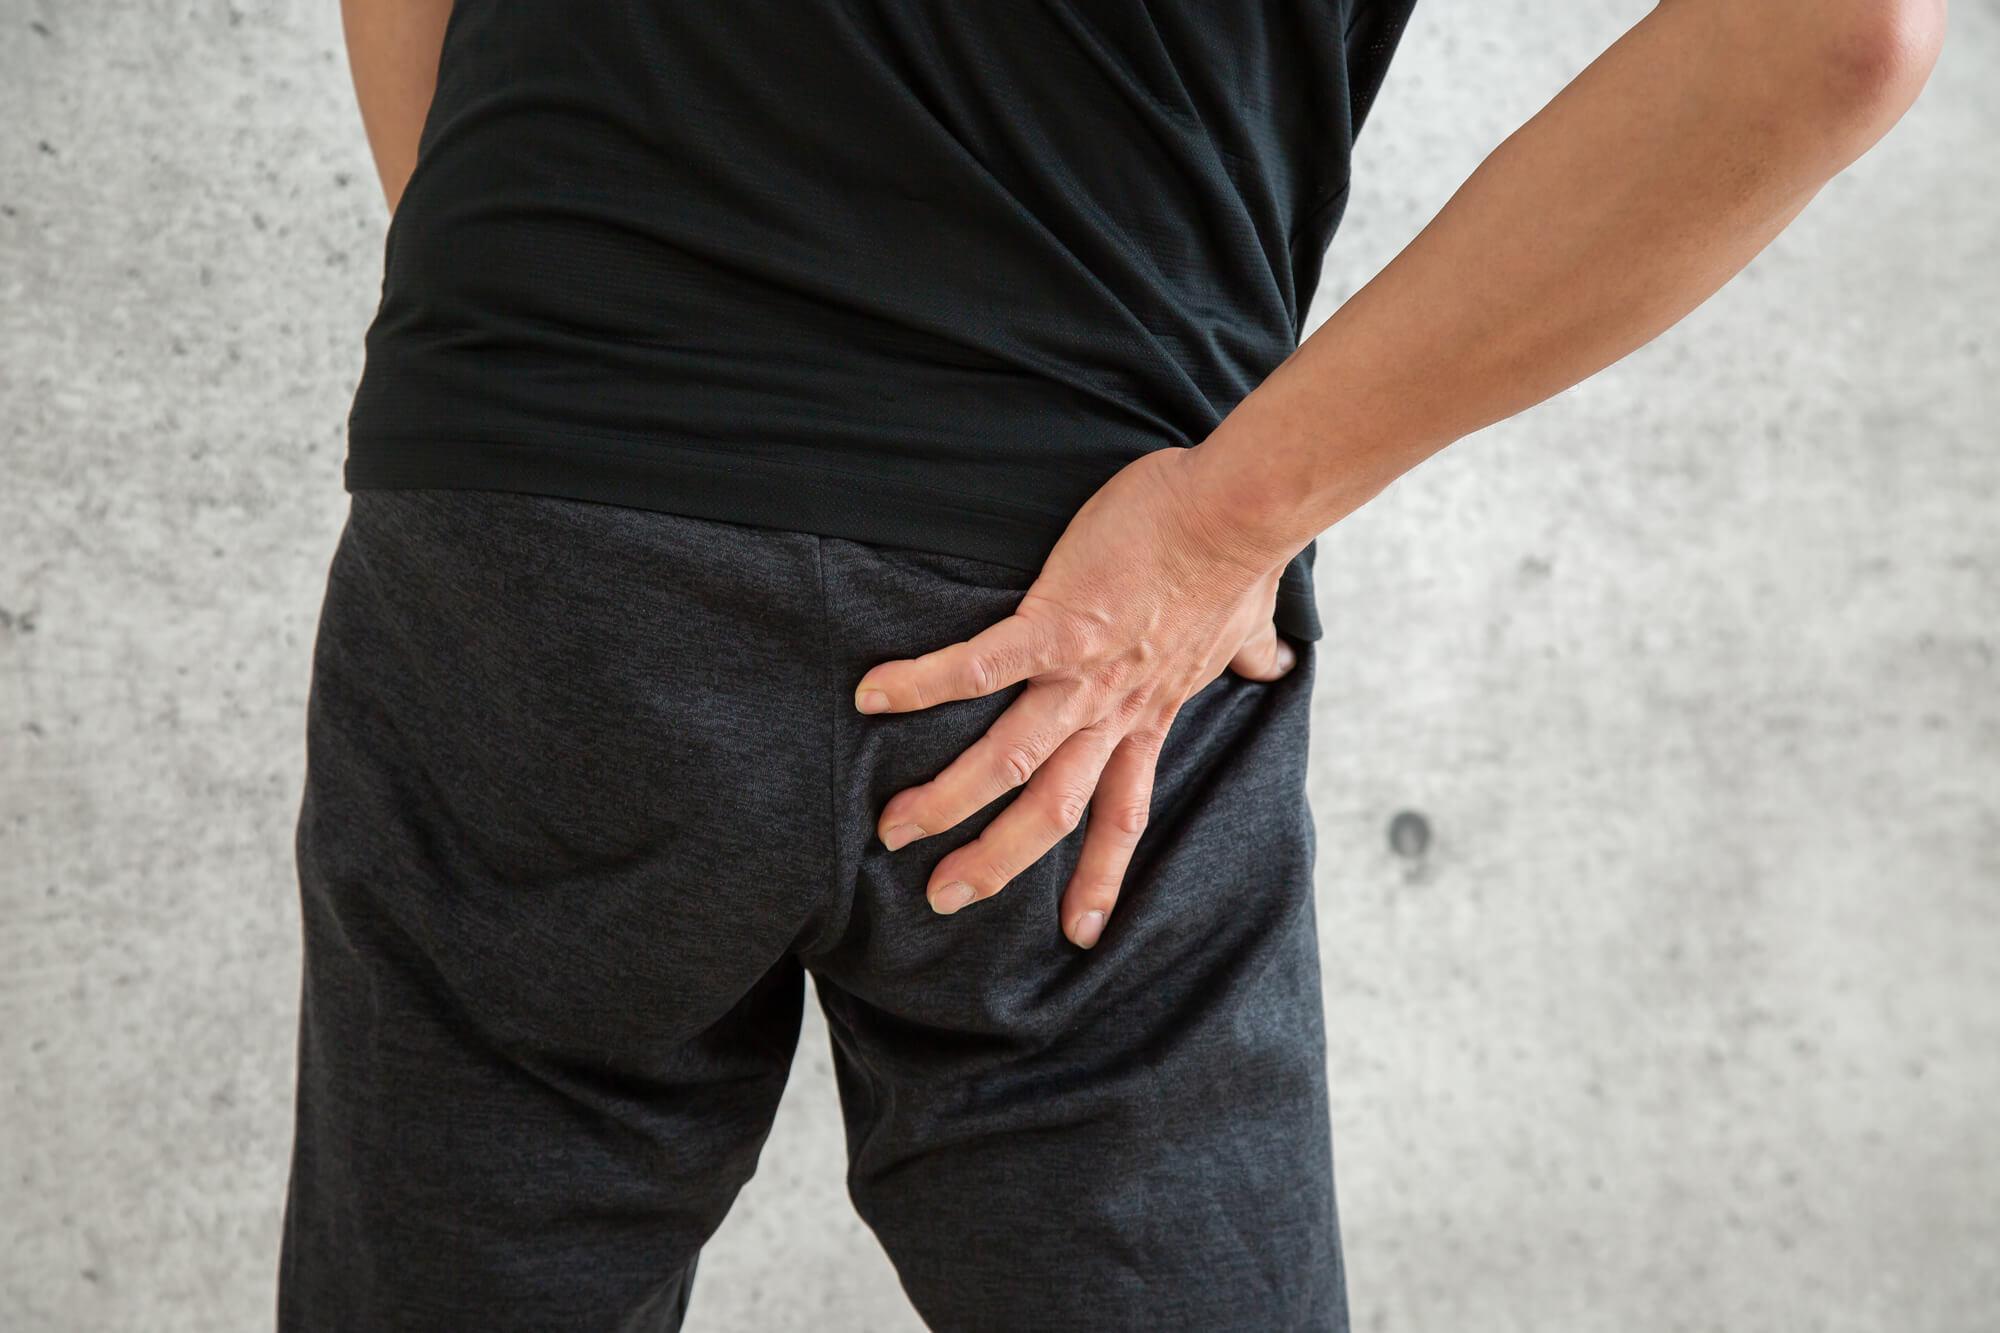 坐骨神経痛に苦しむ男性